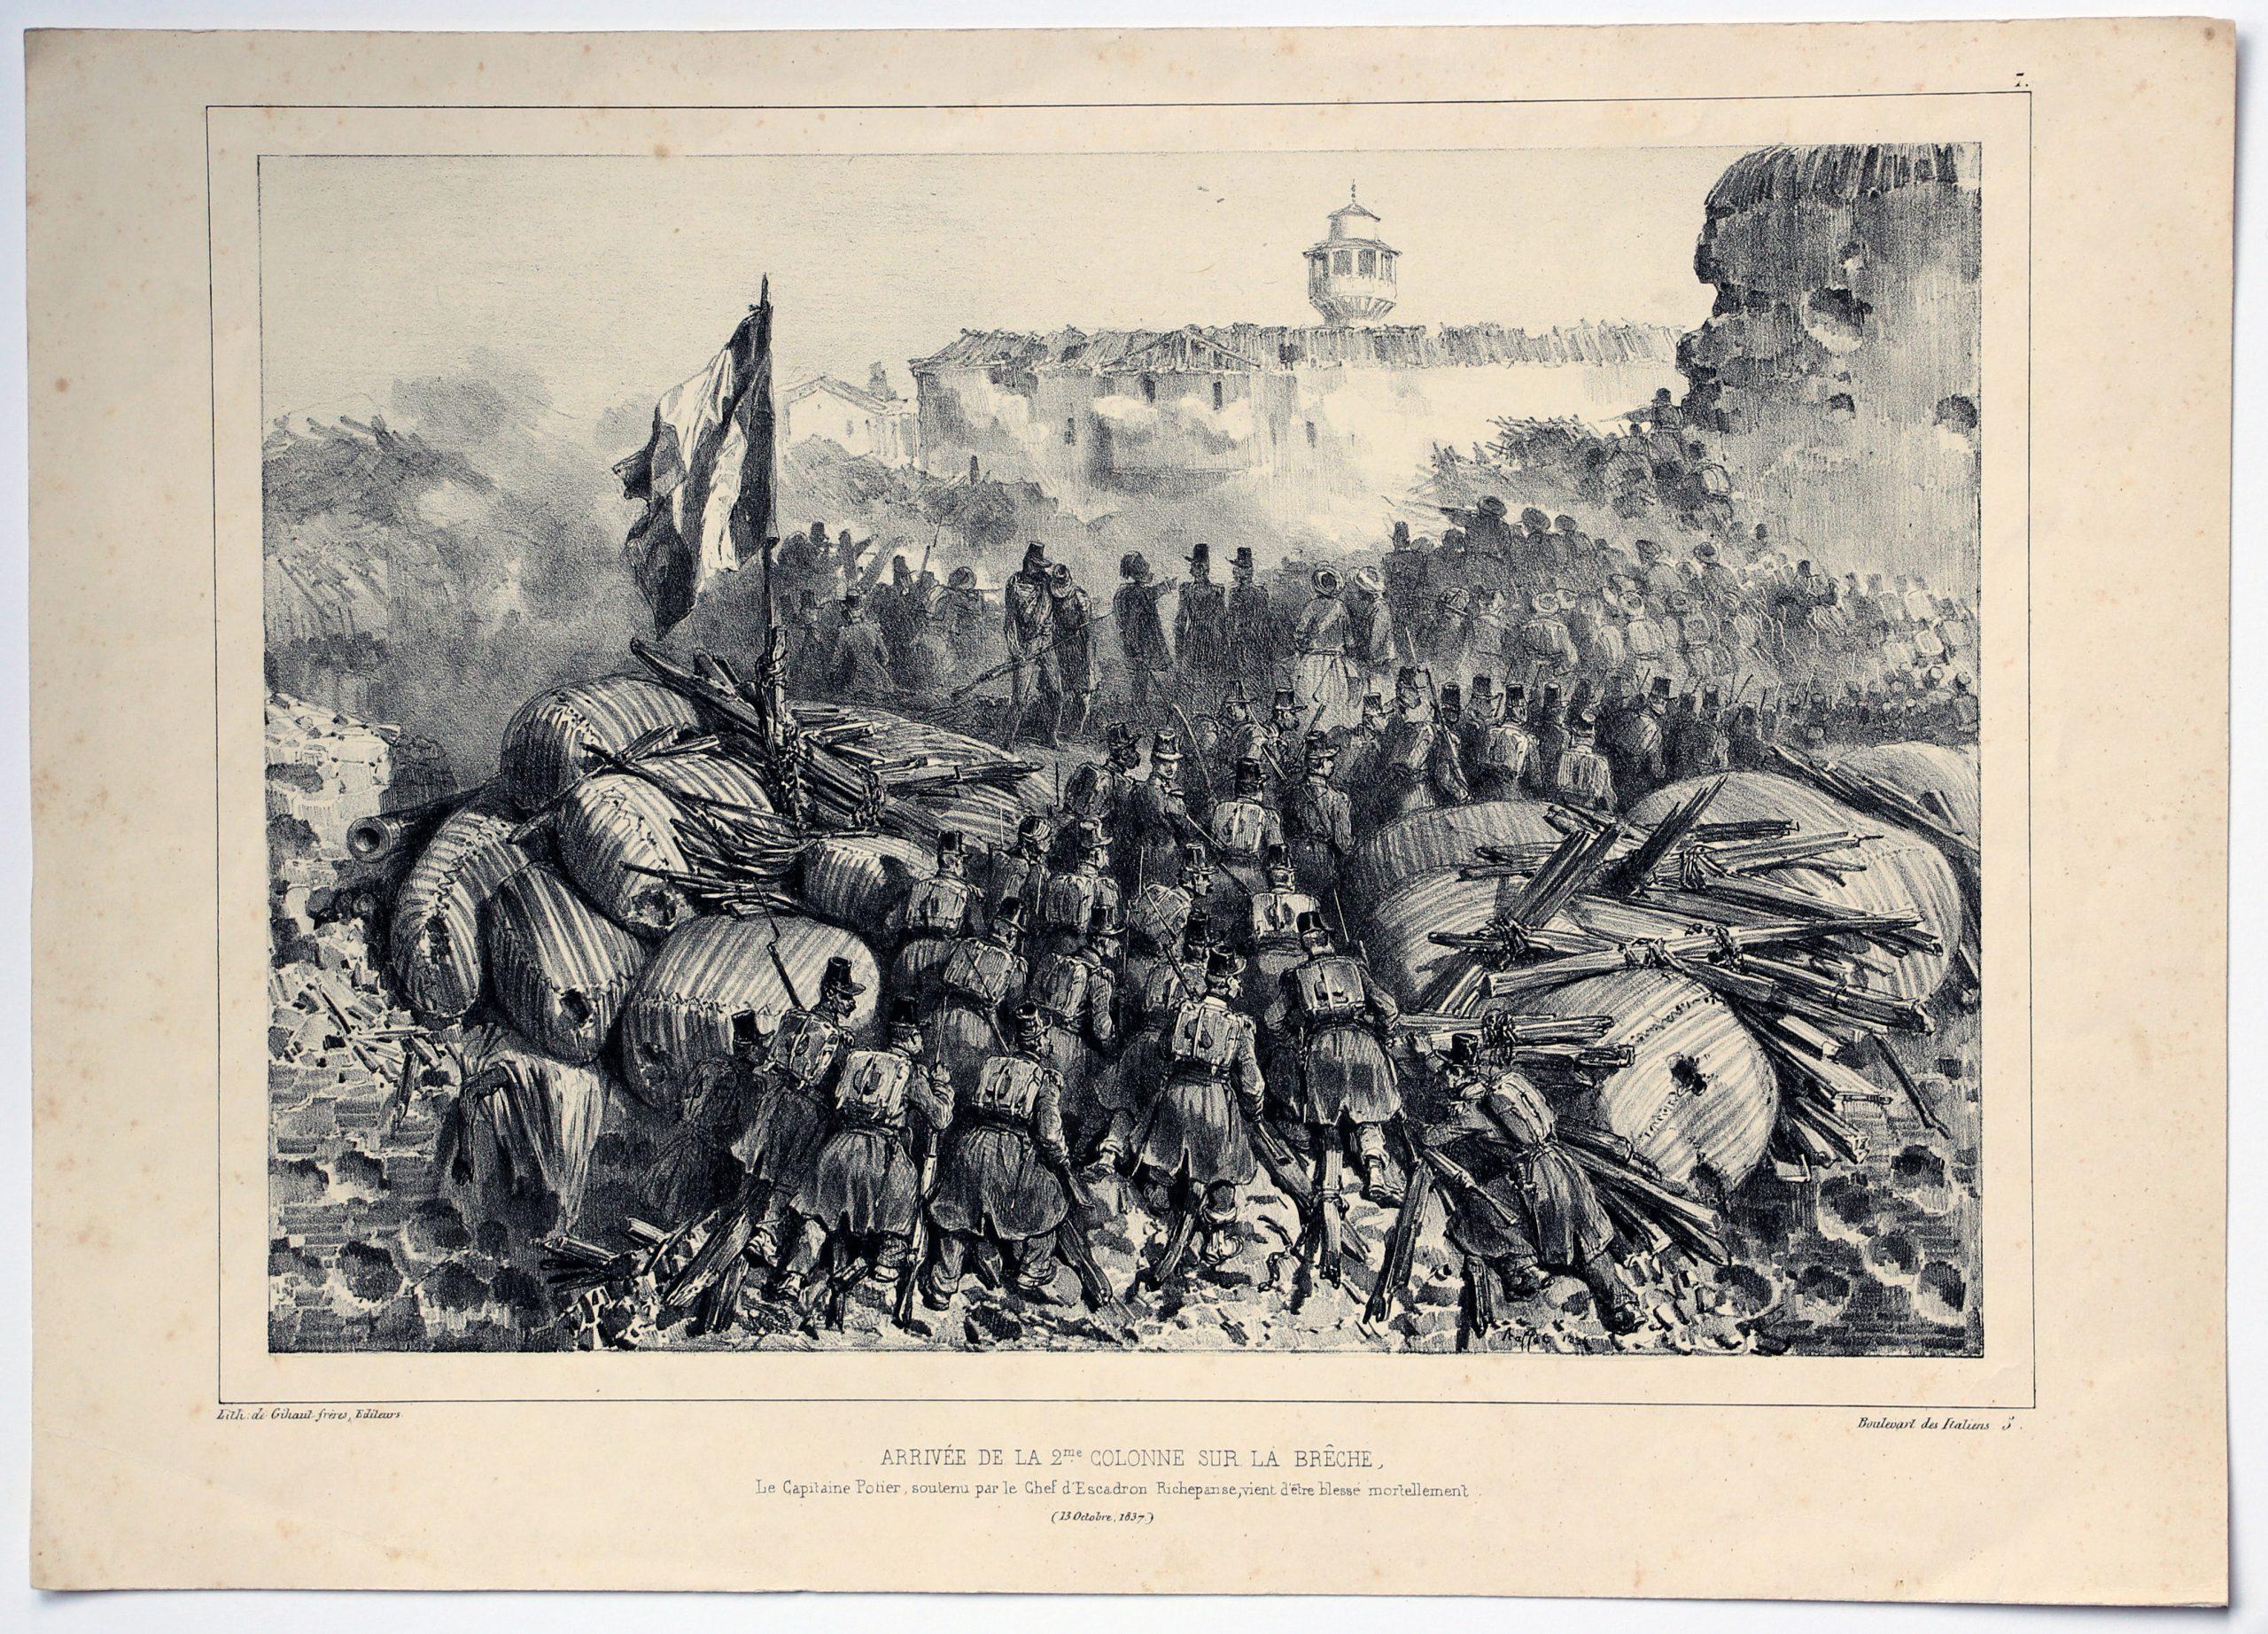 Gravure XIX - Raffet - Monarchie Juillet - Uniforme - Conquête Algérie - 2eme Colonne sur la brèche - 1837